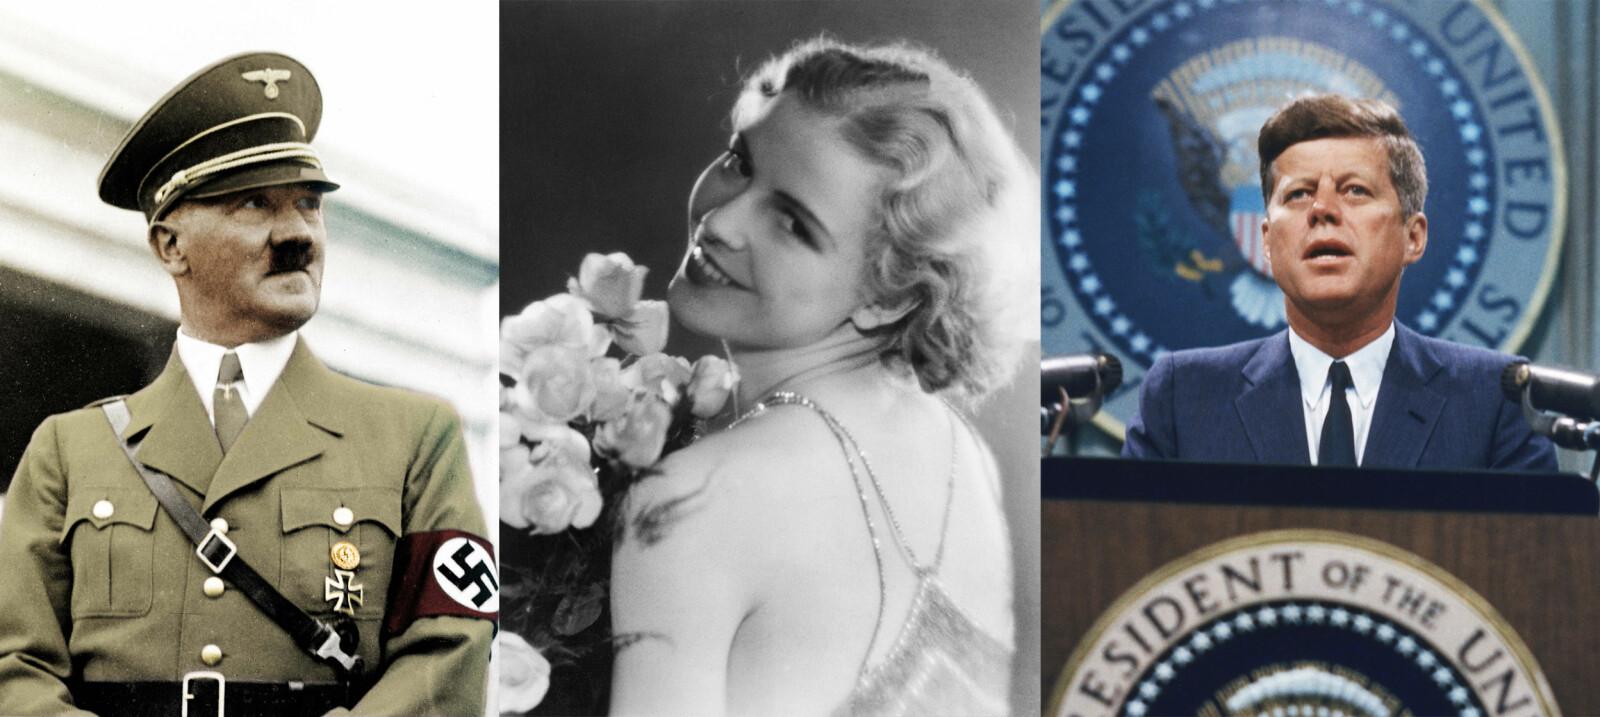 <b><SPAN CLASS=BOLD>FORFØRT:</b></span> Inga Arvad kom i kontakt med maktmennesker gjennom sin journalistjobb. Først falt Adolf Hitler pladask. Deretter John F. Kennedy.